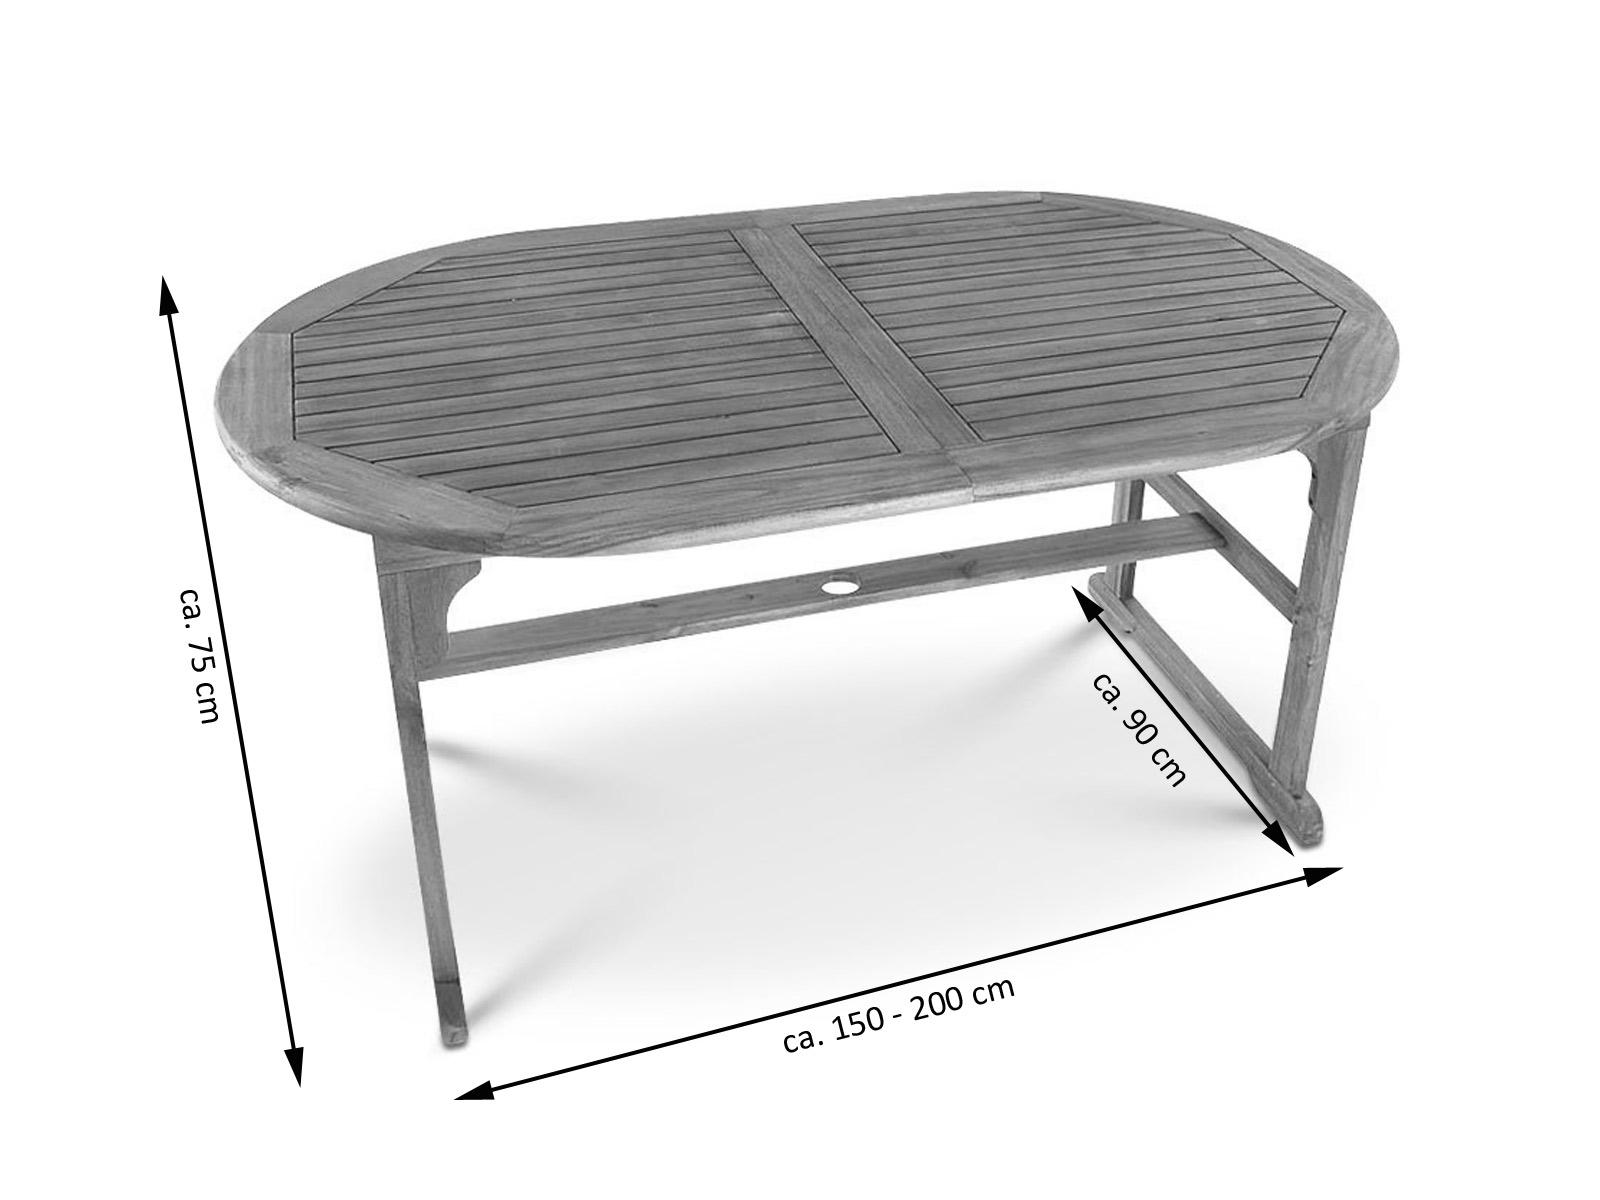 sam gartentisch ausziehtisch akazie 150 200 cm oval french demn chst. Black Bedroom Furniture Sets. Home Design Ideas